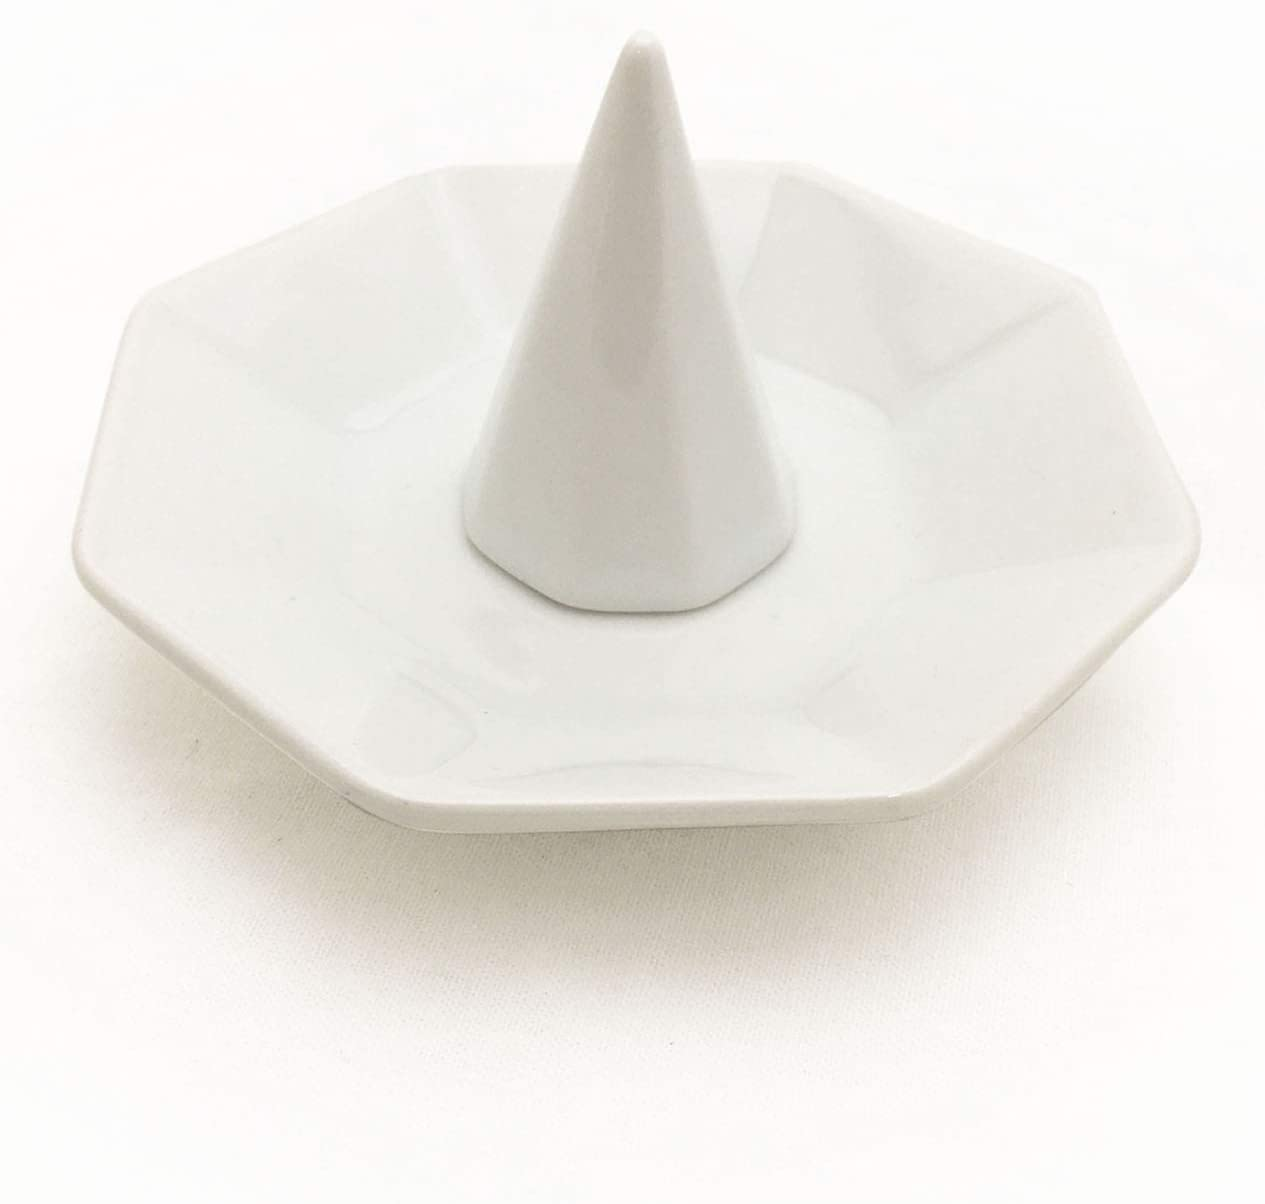 ノーブランド品 MORISHIO, Japanese Salt Piles Tool Set, Easy to Make it. A Pile Mold & Plate Set. for Driving Away Misfortunes at The Restaurant, Shop and Your Home.